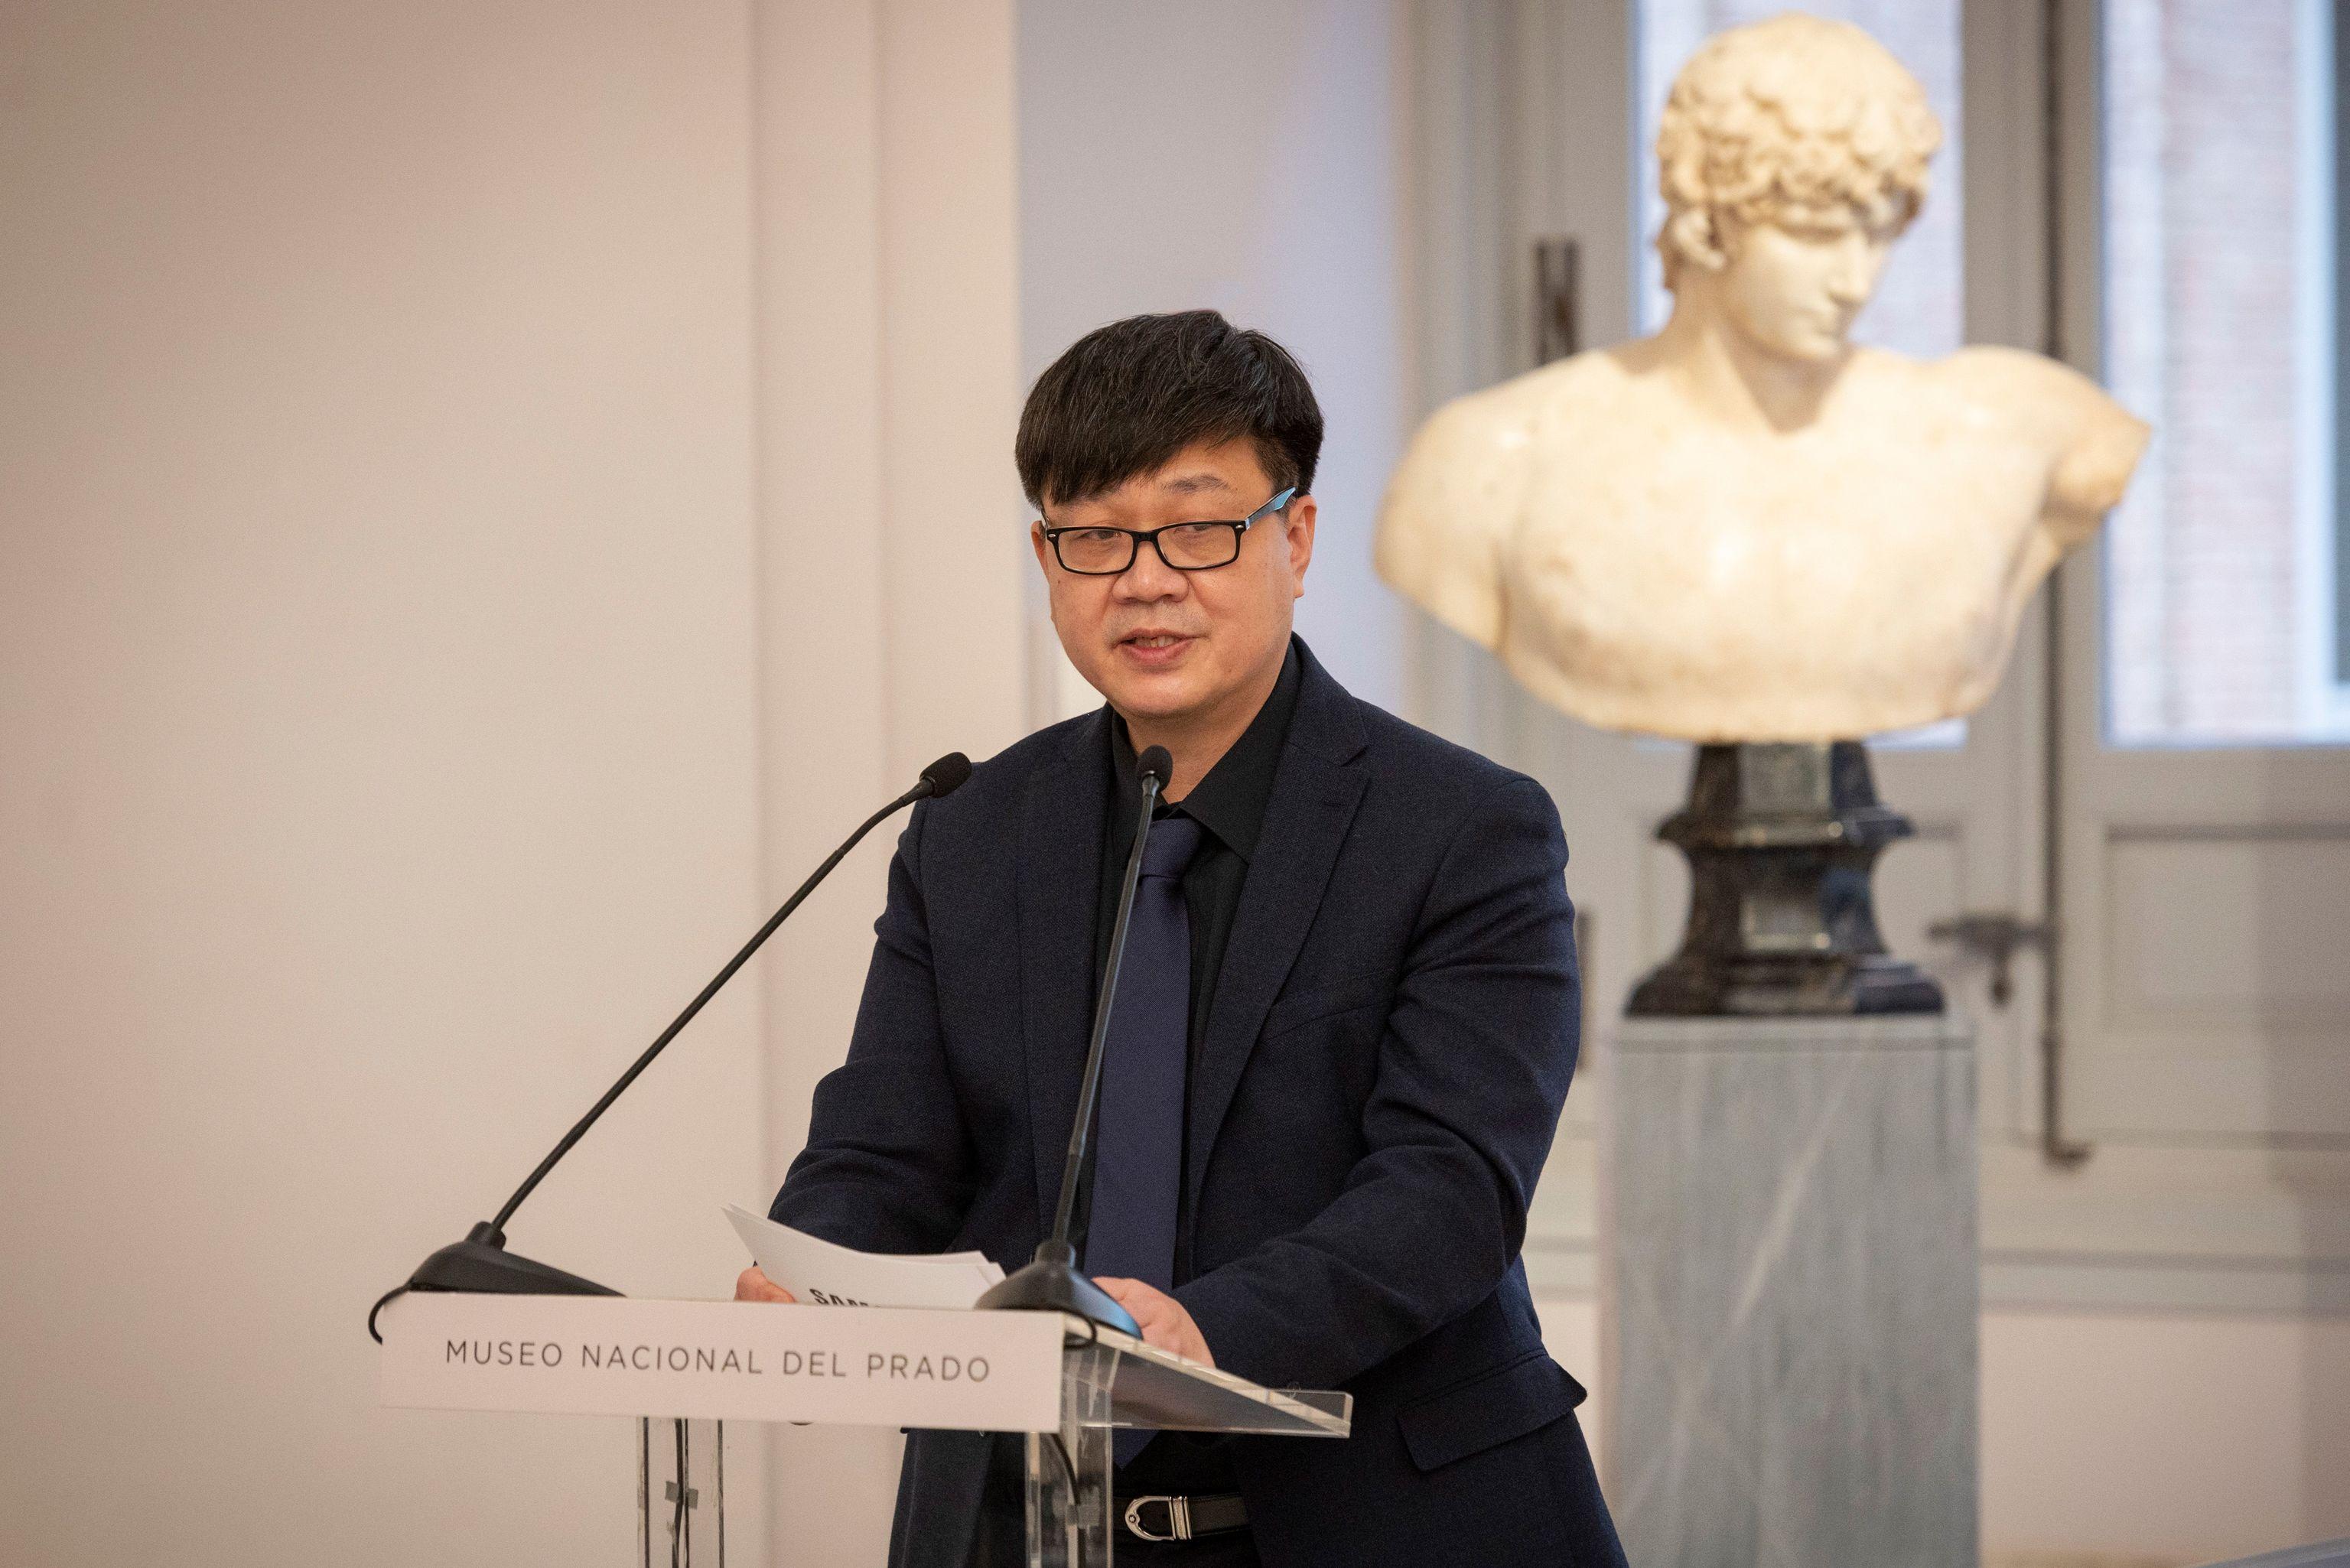 Ick Soo Choi, Presidente de Samsung Electronics Iberia, durante el acto de presentación en el Museo del Prado de Madrid.